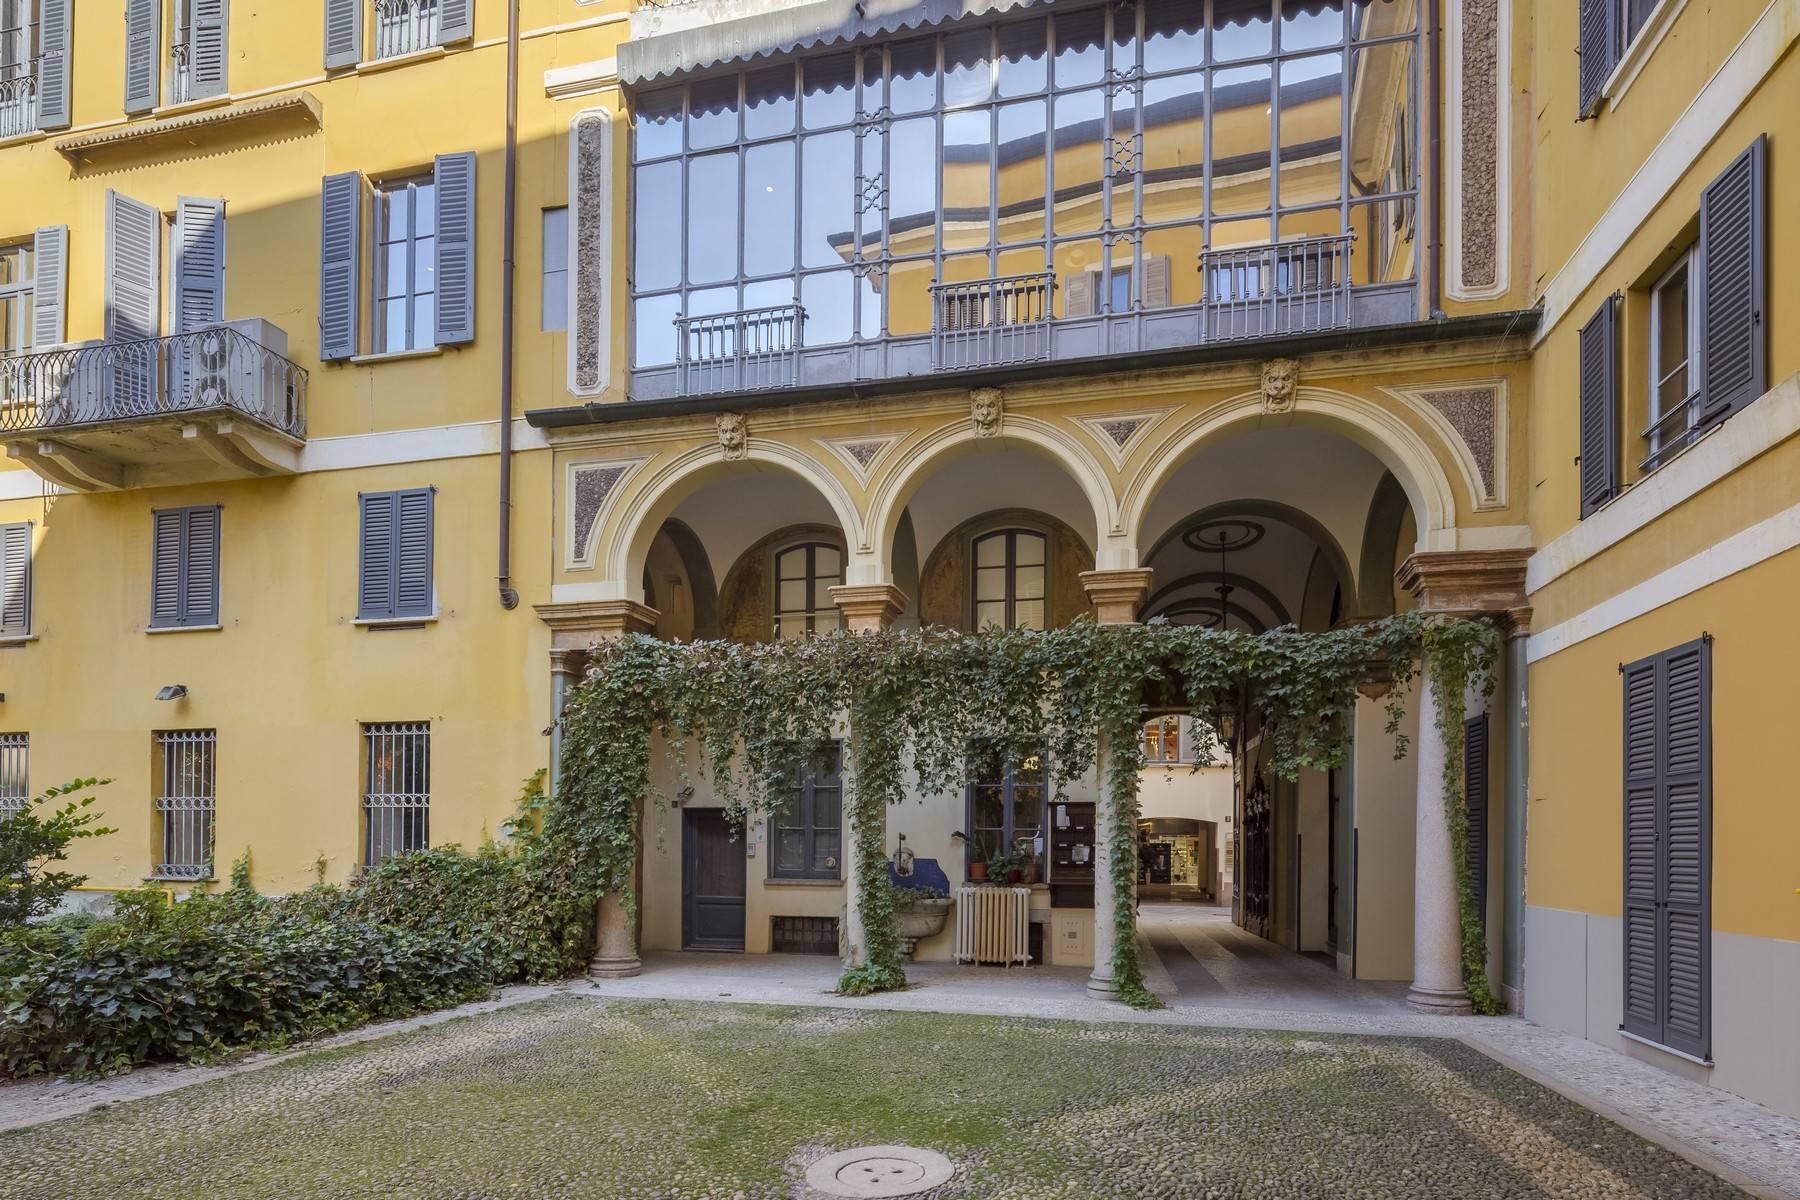 Negozio-locale in Affitto a Milano: 2 locali, 100 mq - Foto 8